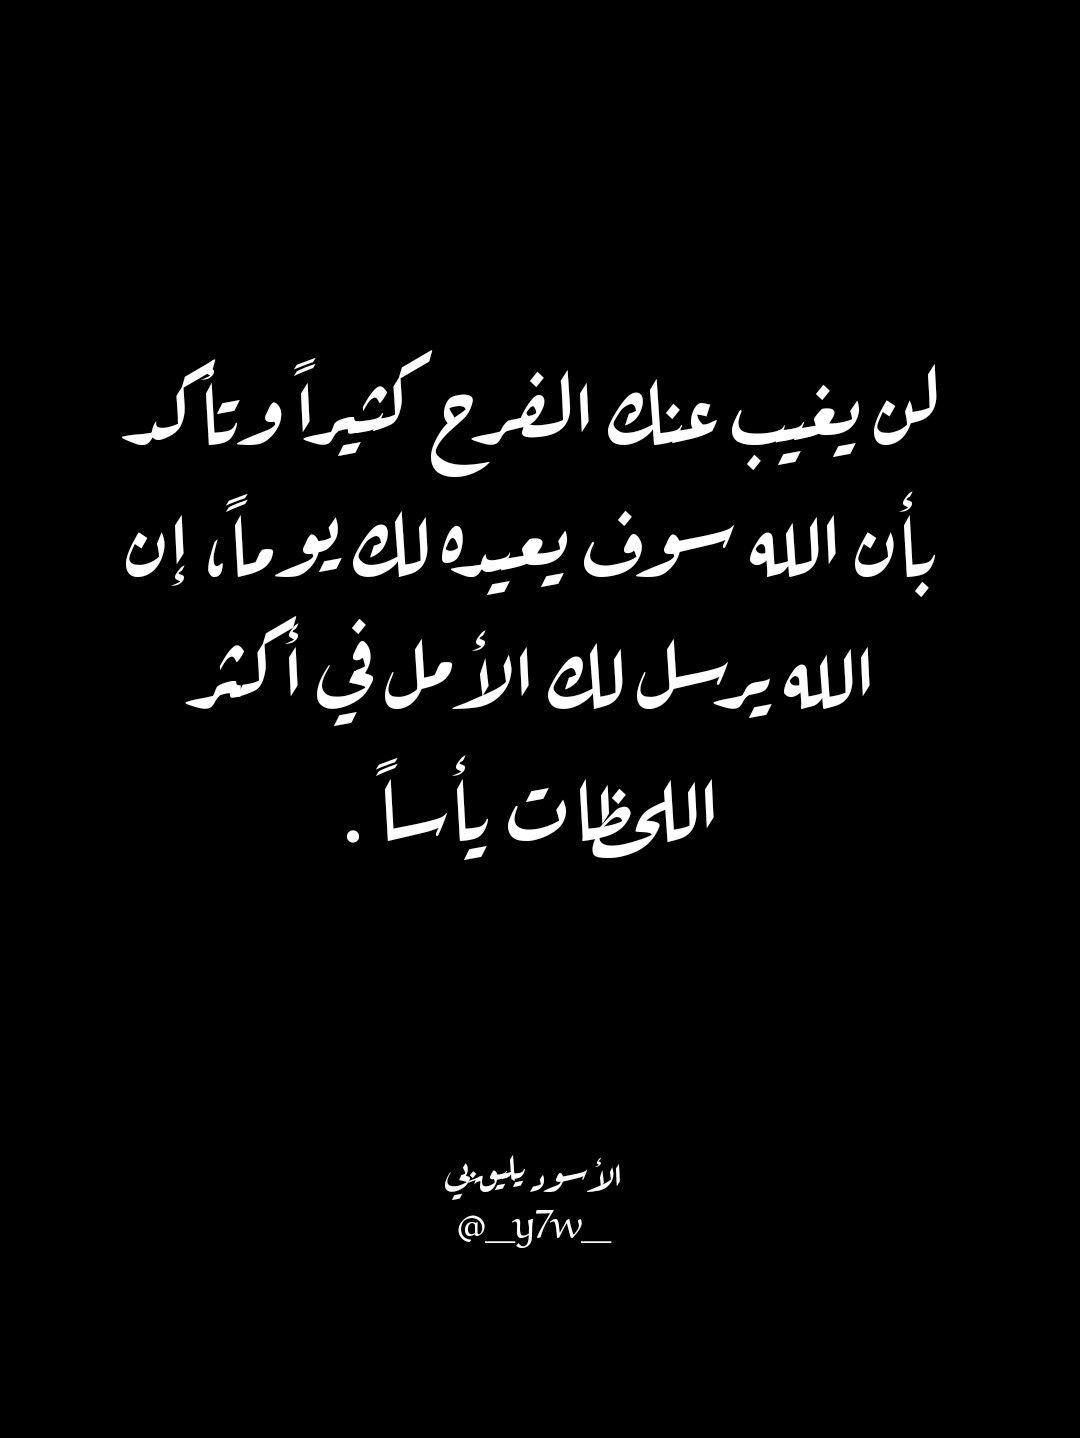 يارب وماخاب من قال يارب Calligraphy Arabic Calligraphy